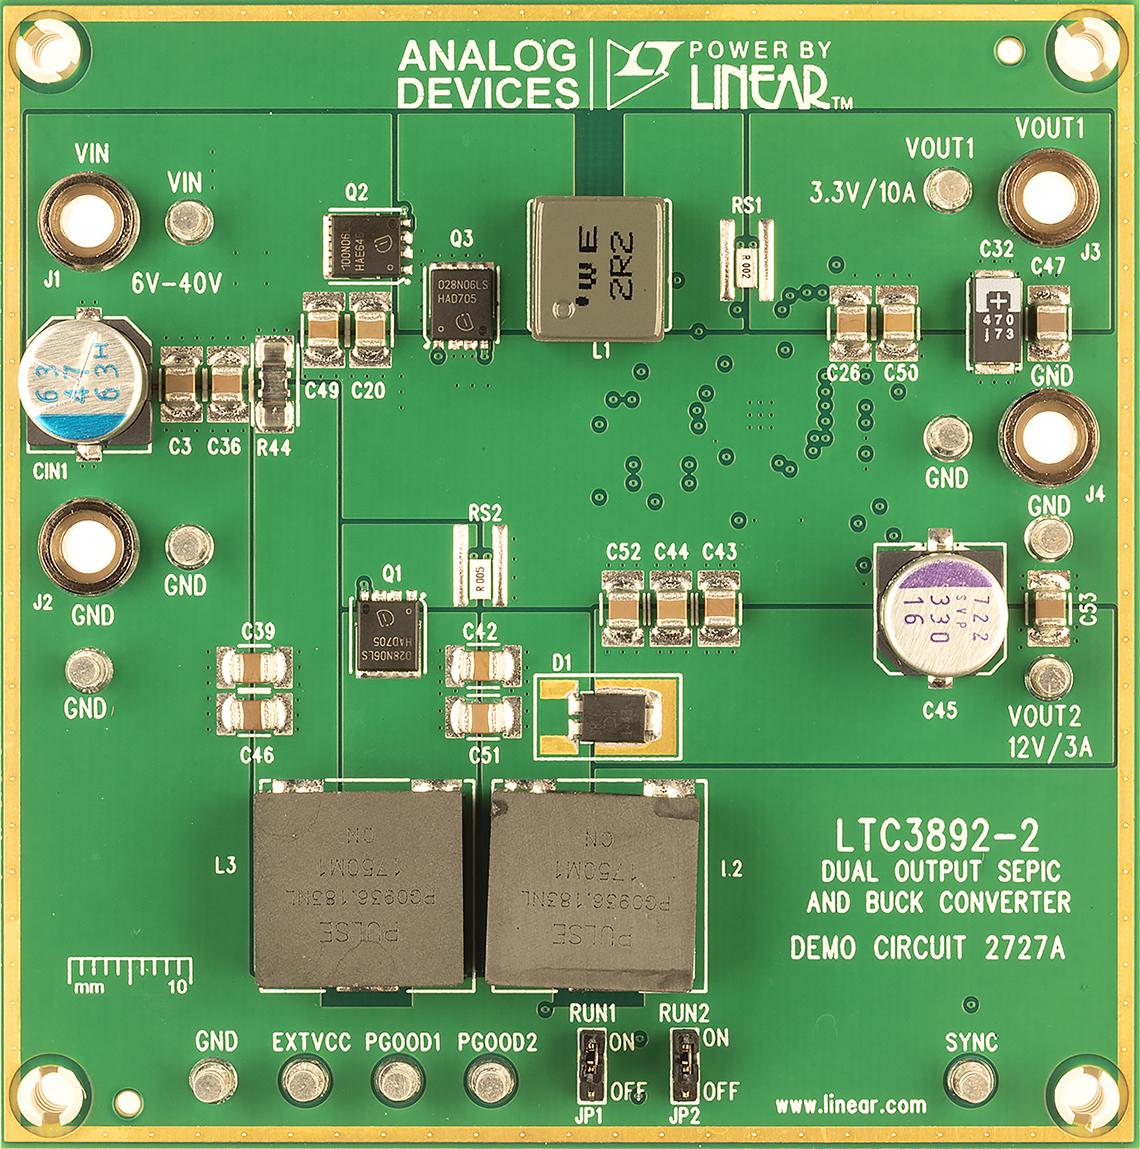 图4 - 一款IC 适用于多种 DC-DC 拓扑:双输出降压型 IC 也可用于 SEPIC 和升压应用.jpg